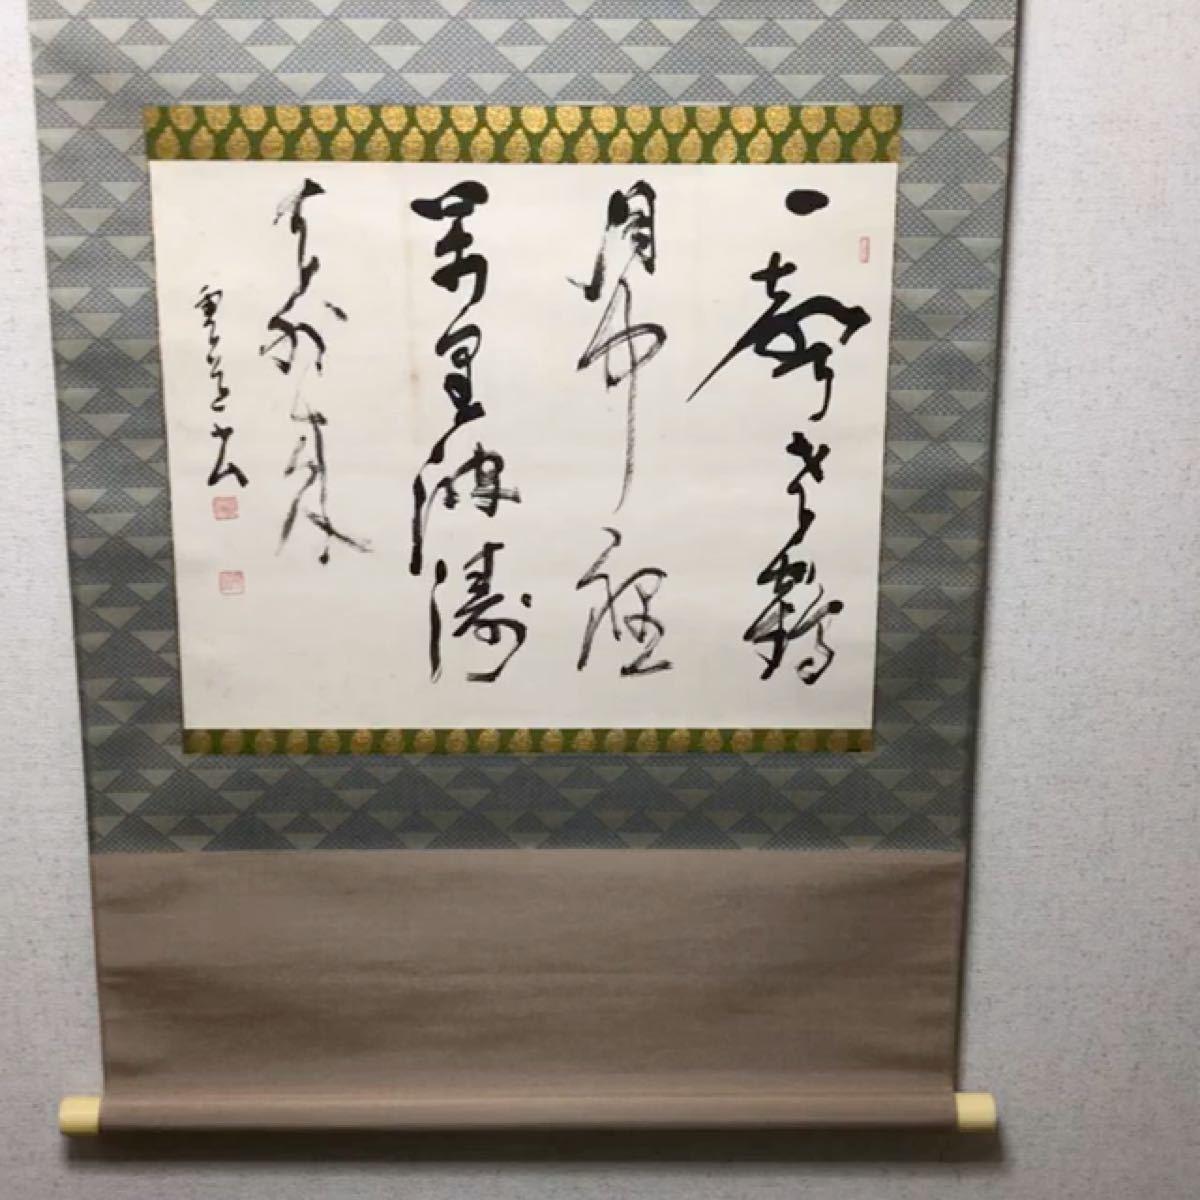 【真作】//稲田雲道/桐同箱付/掛軸 a